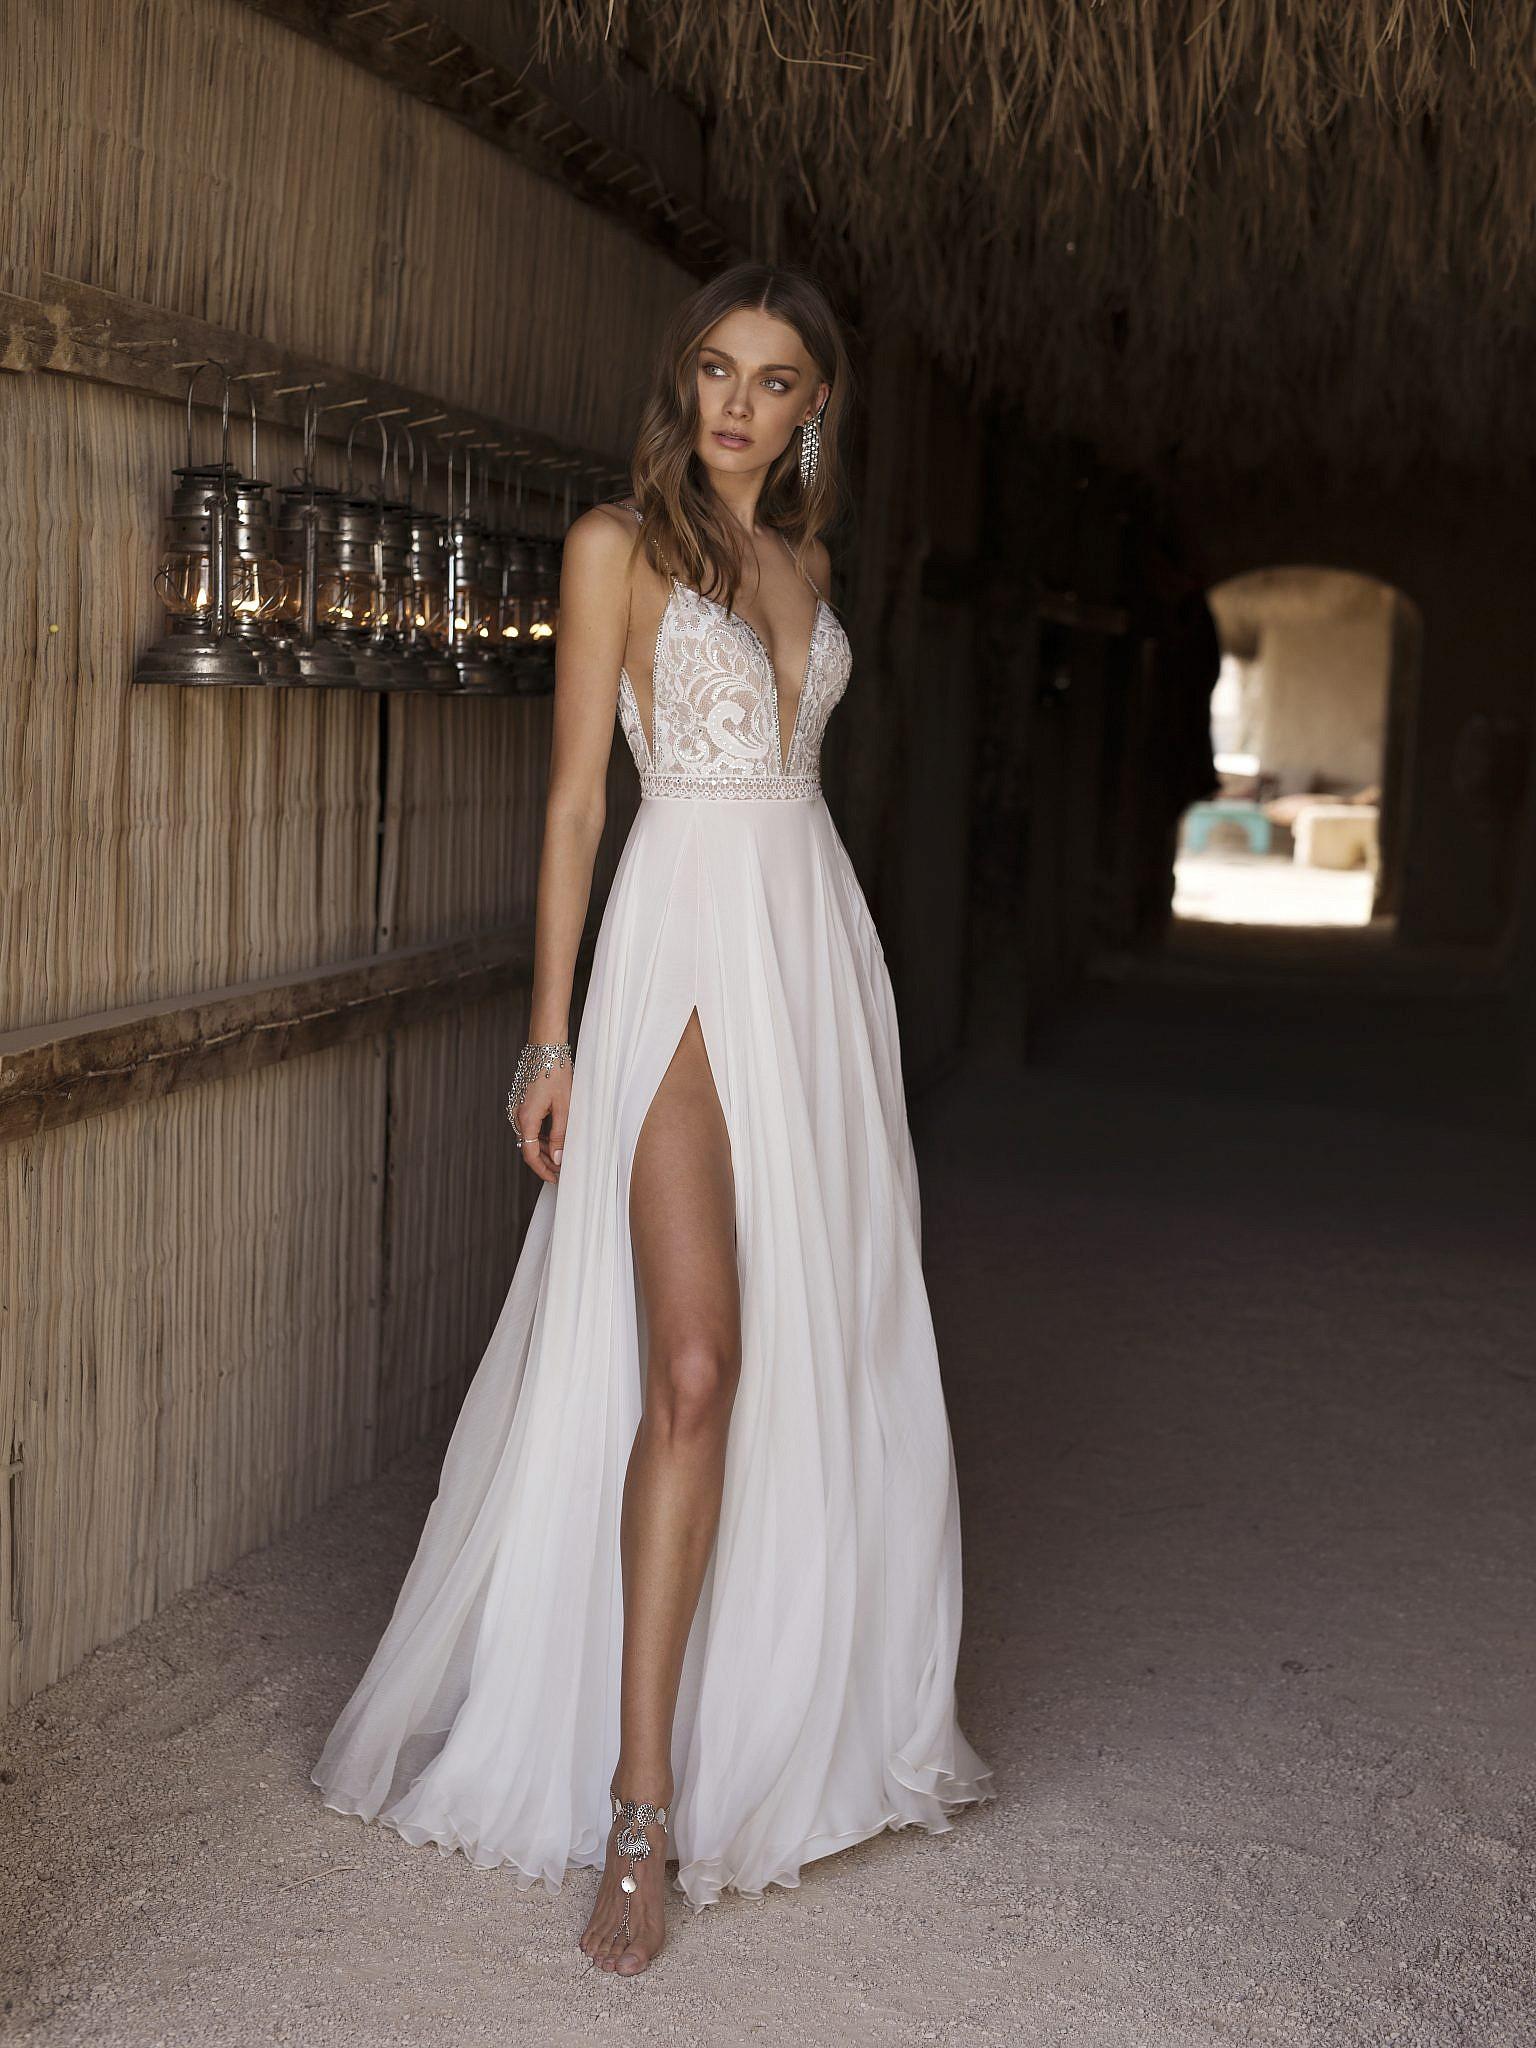 שמלות מרהיבות ובעיקר נוחות. צילום: אלכס ליפקין